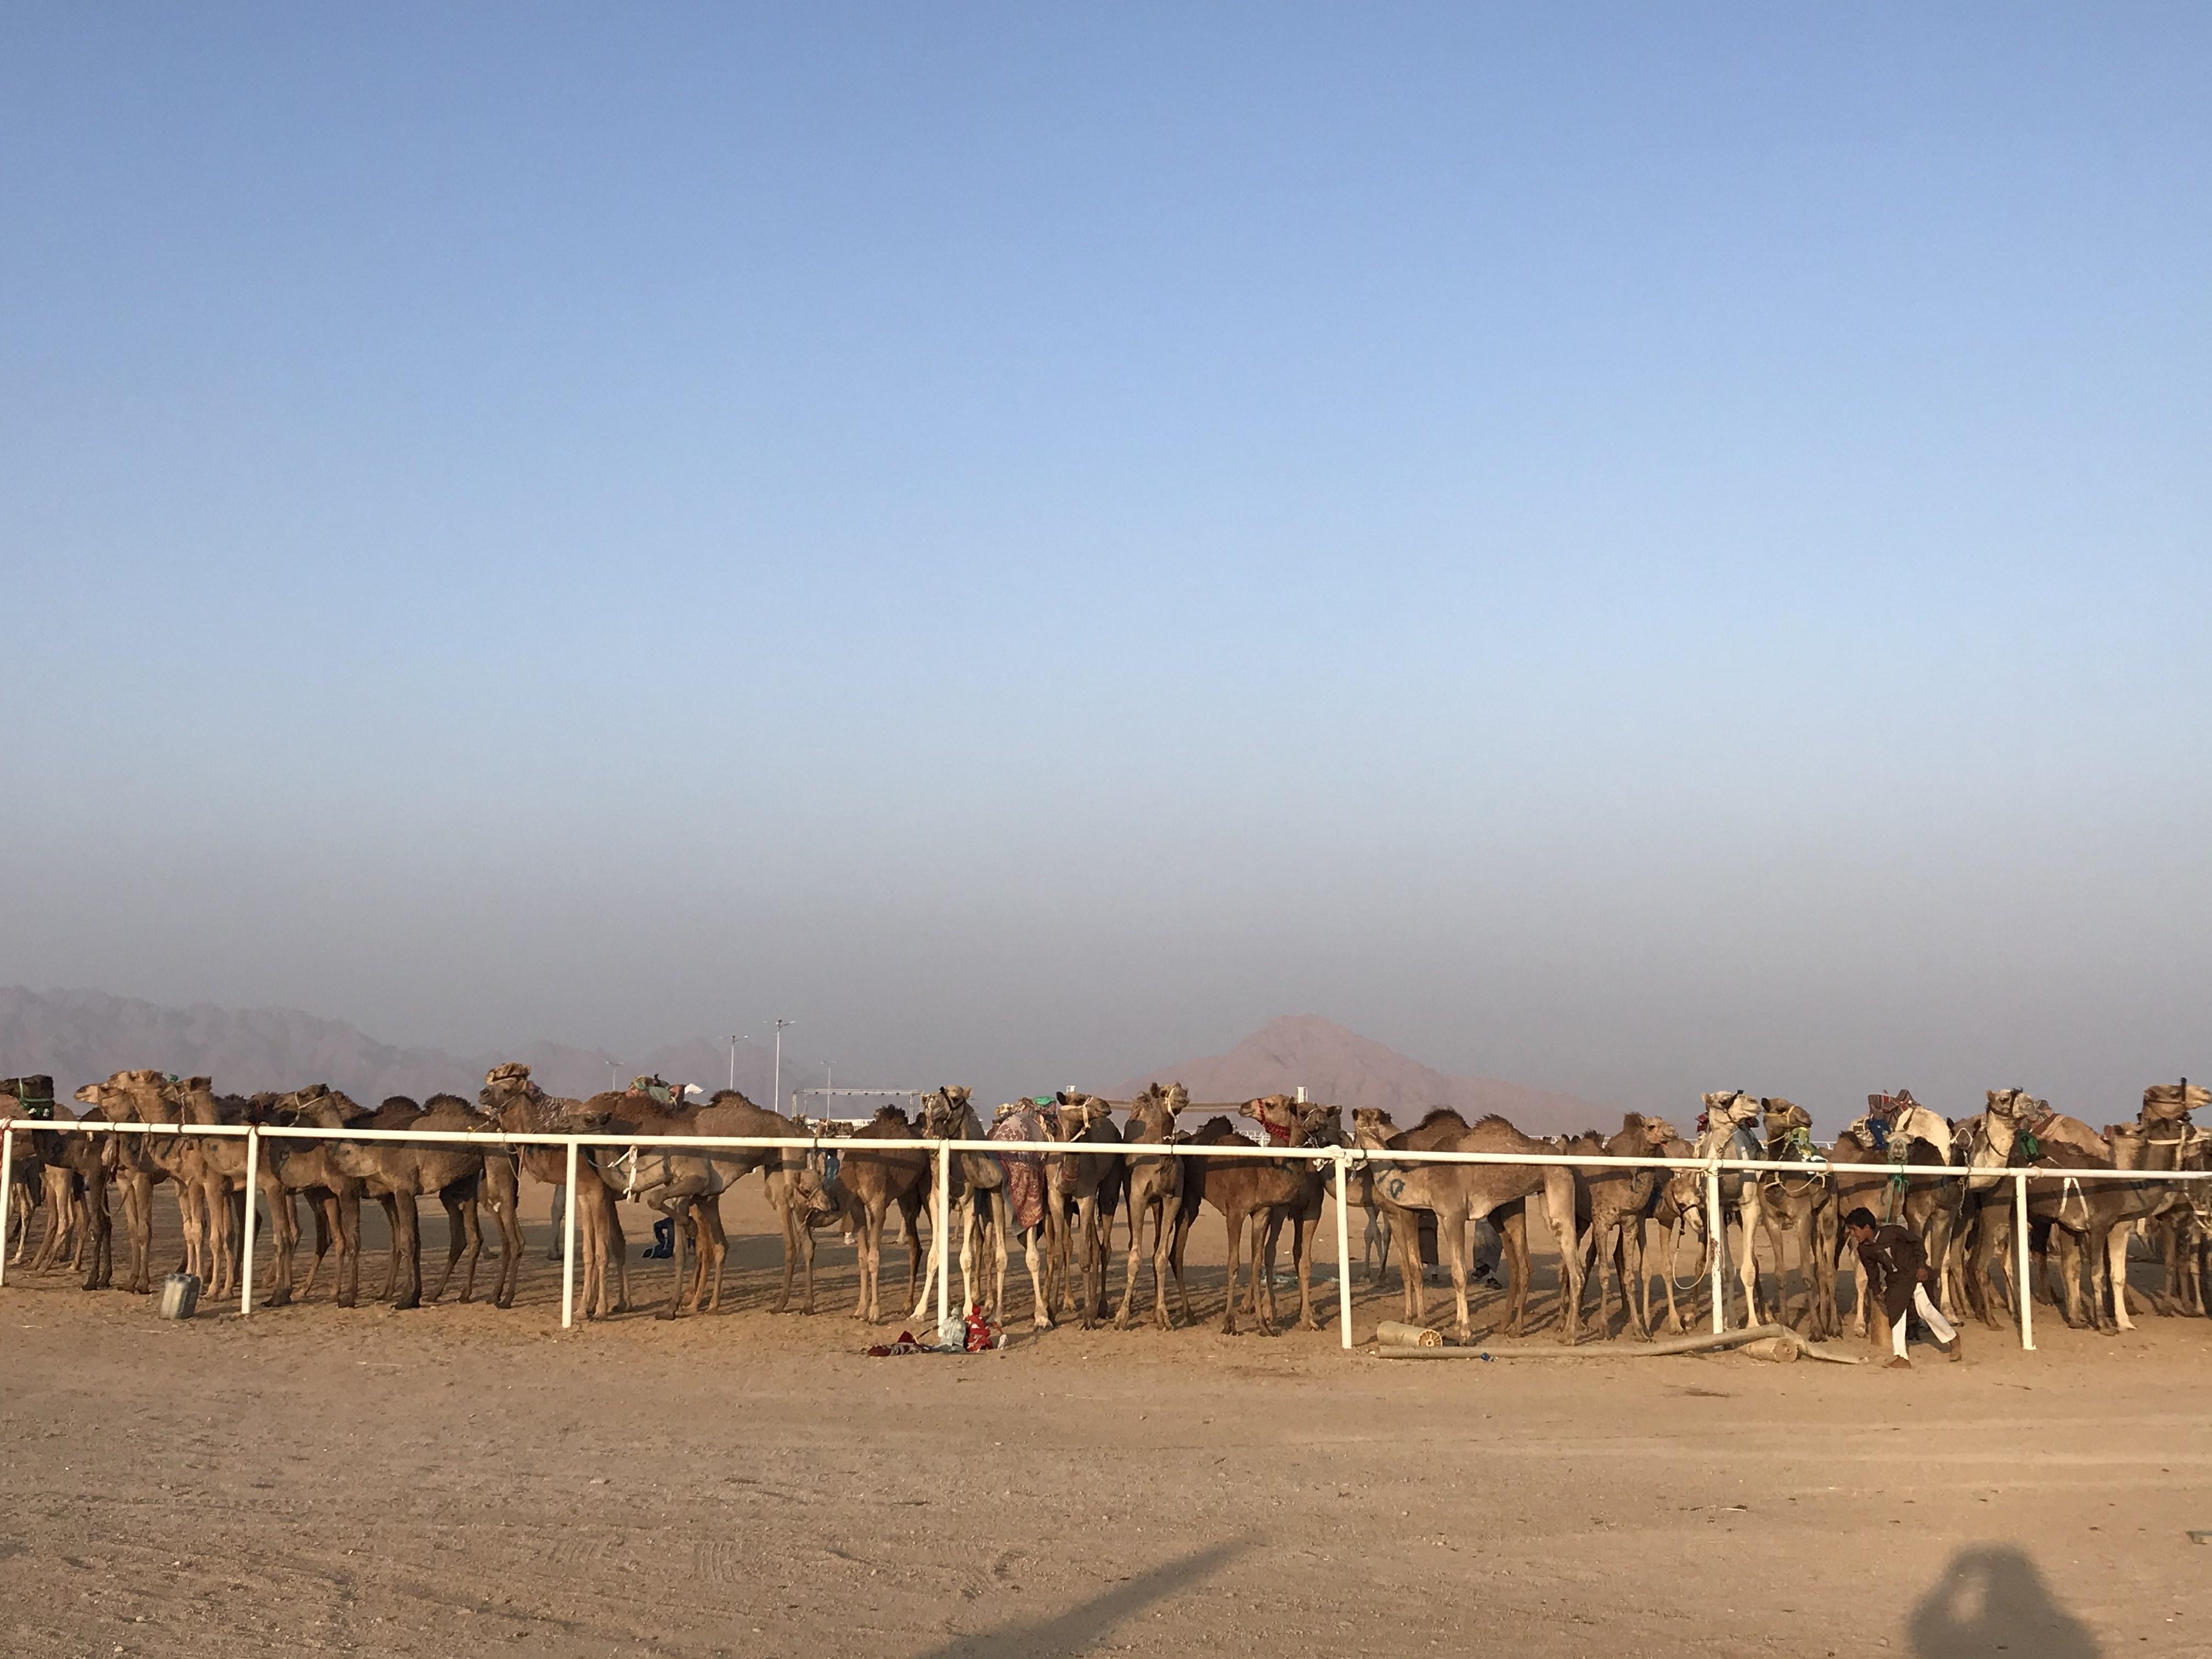 المشاركون فى مهرجان الهجن بشرم الشيخ من مختلف المحافظات (7)